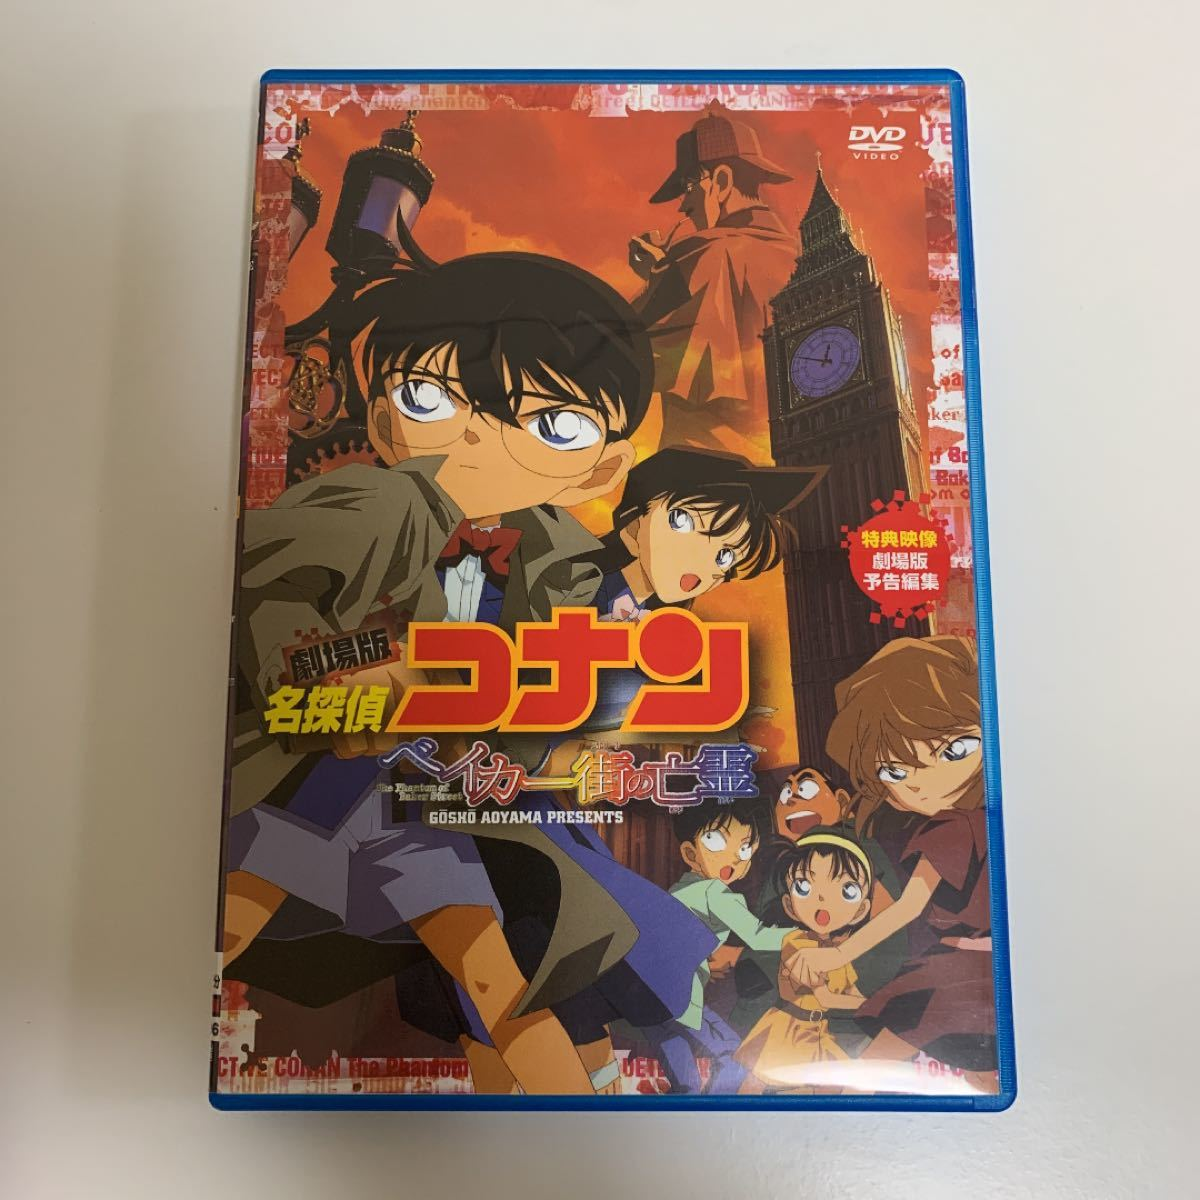 劇場版名探偵コナン DVD 3本セット